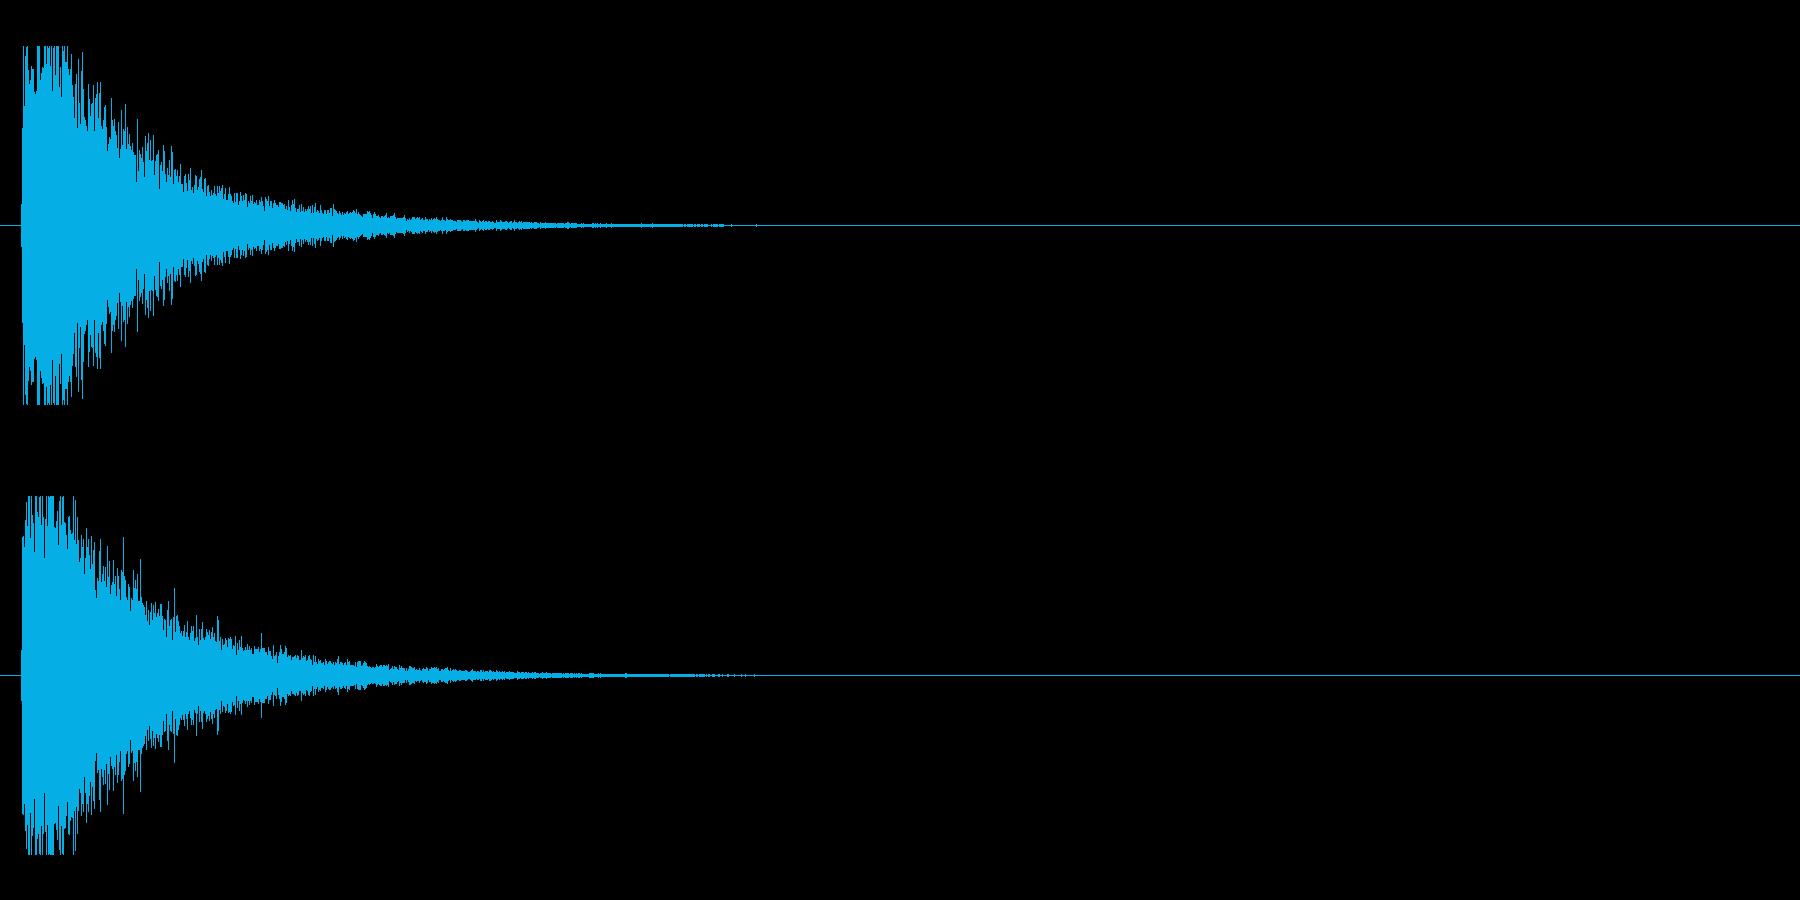 レーザー音-92-1の再生済みの波形